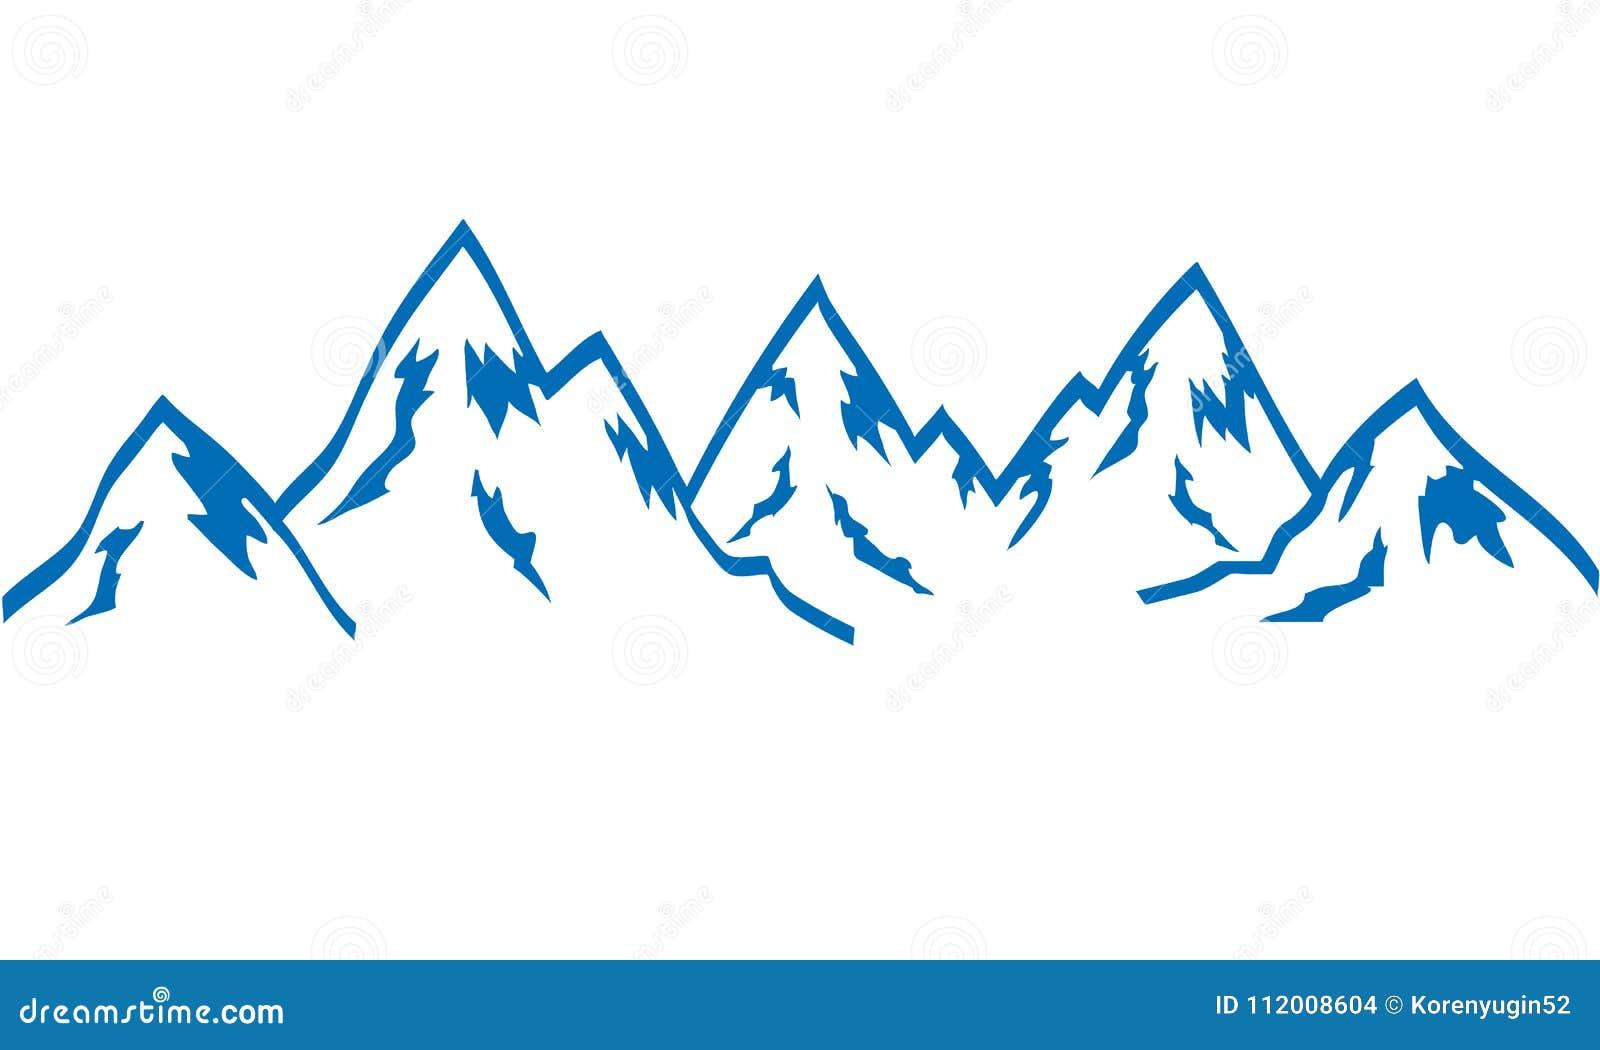 Azul del icono del drenaje de la mano de las montañas de la silueta en el blanco, vector común